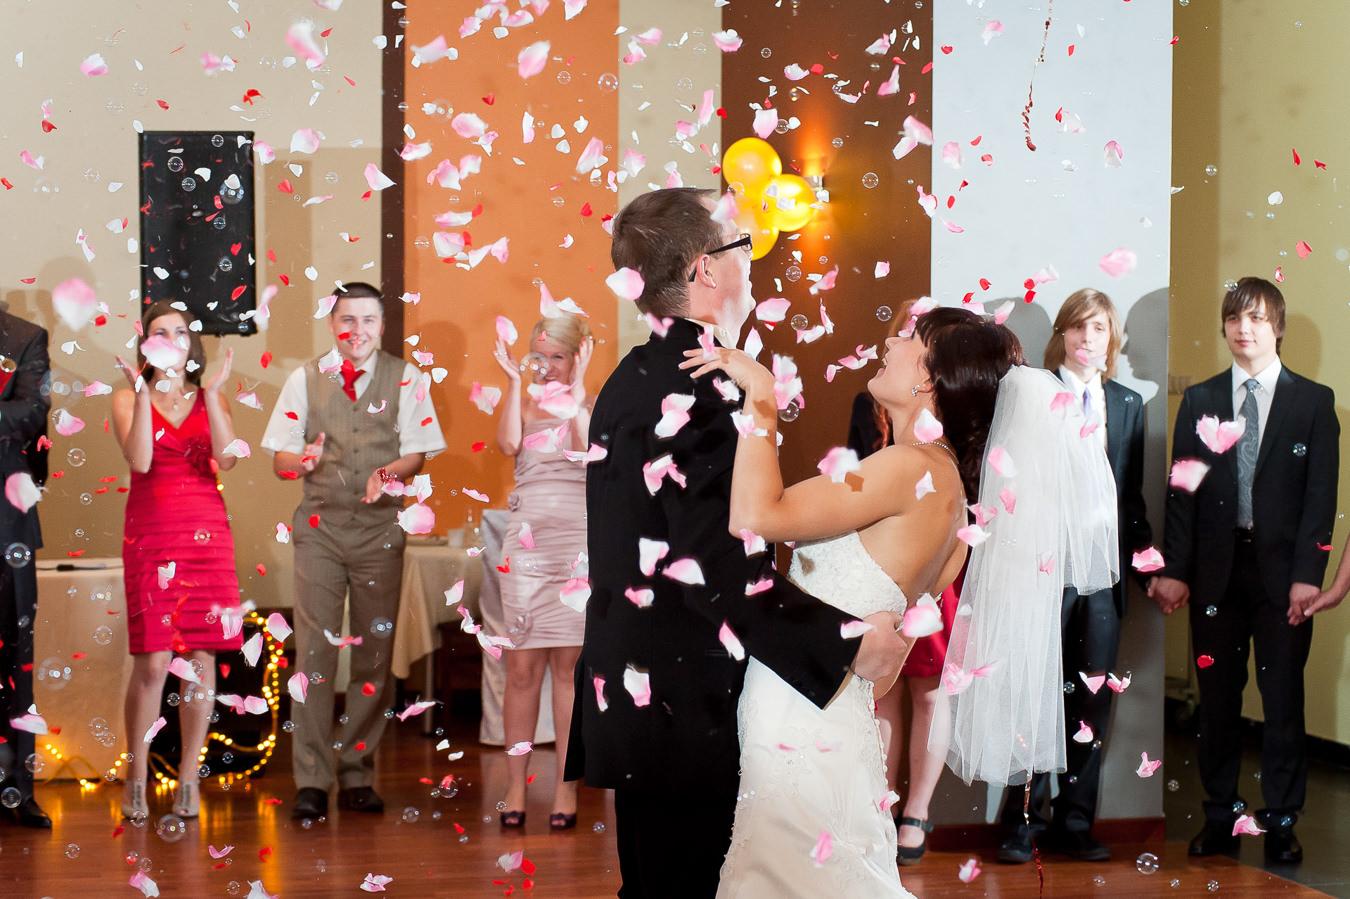 para młoda obsypana płatkami kwiatów podczas pierwszego tańca